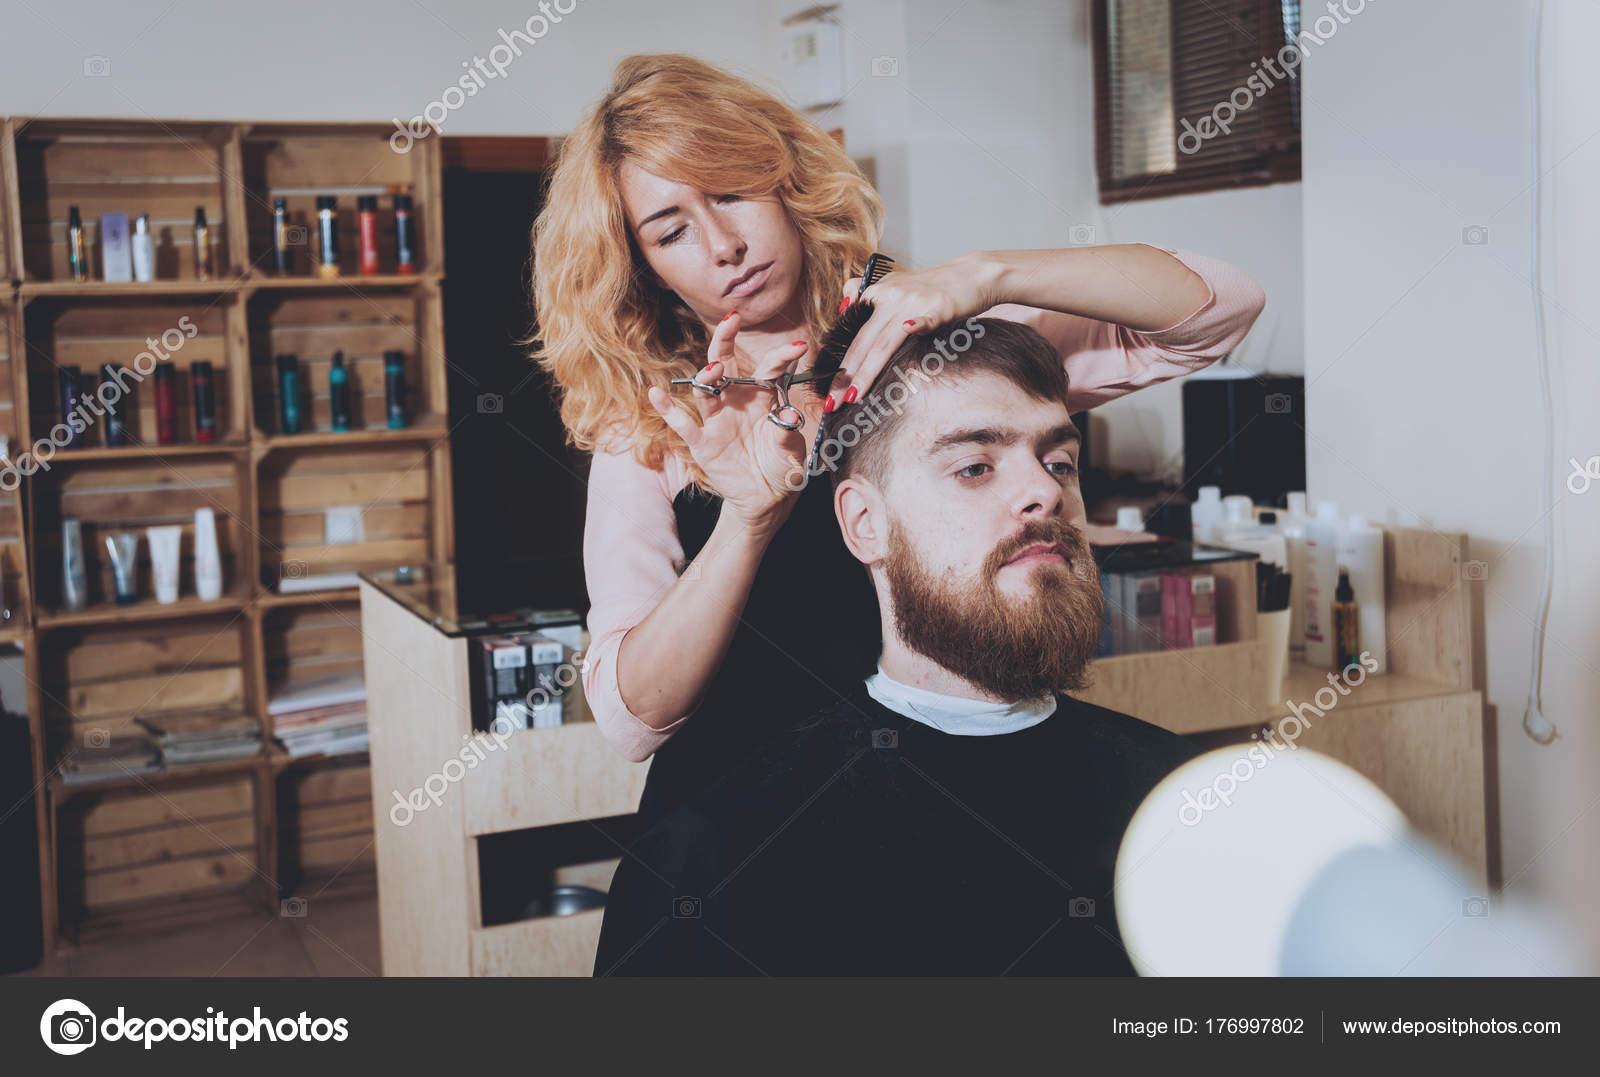 wie schneidet man haare männer